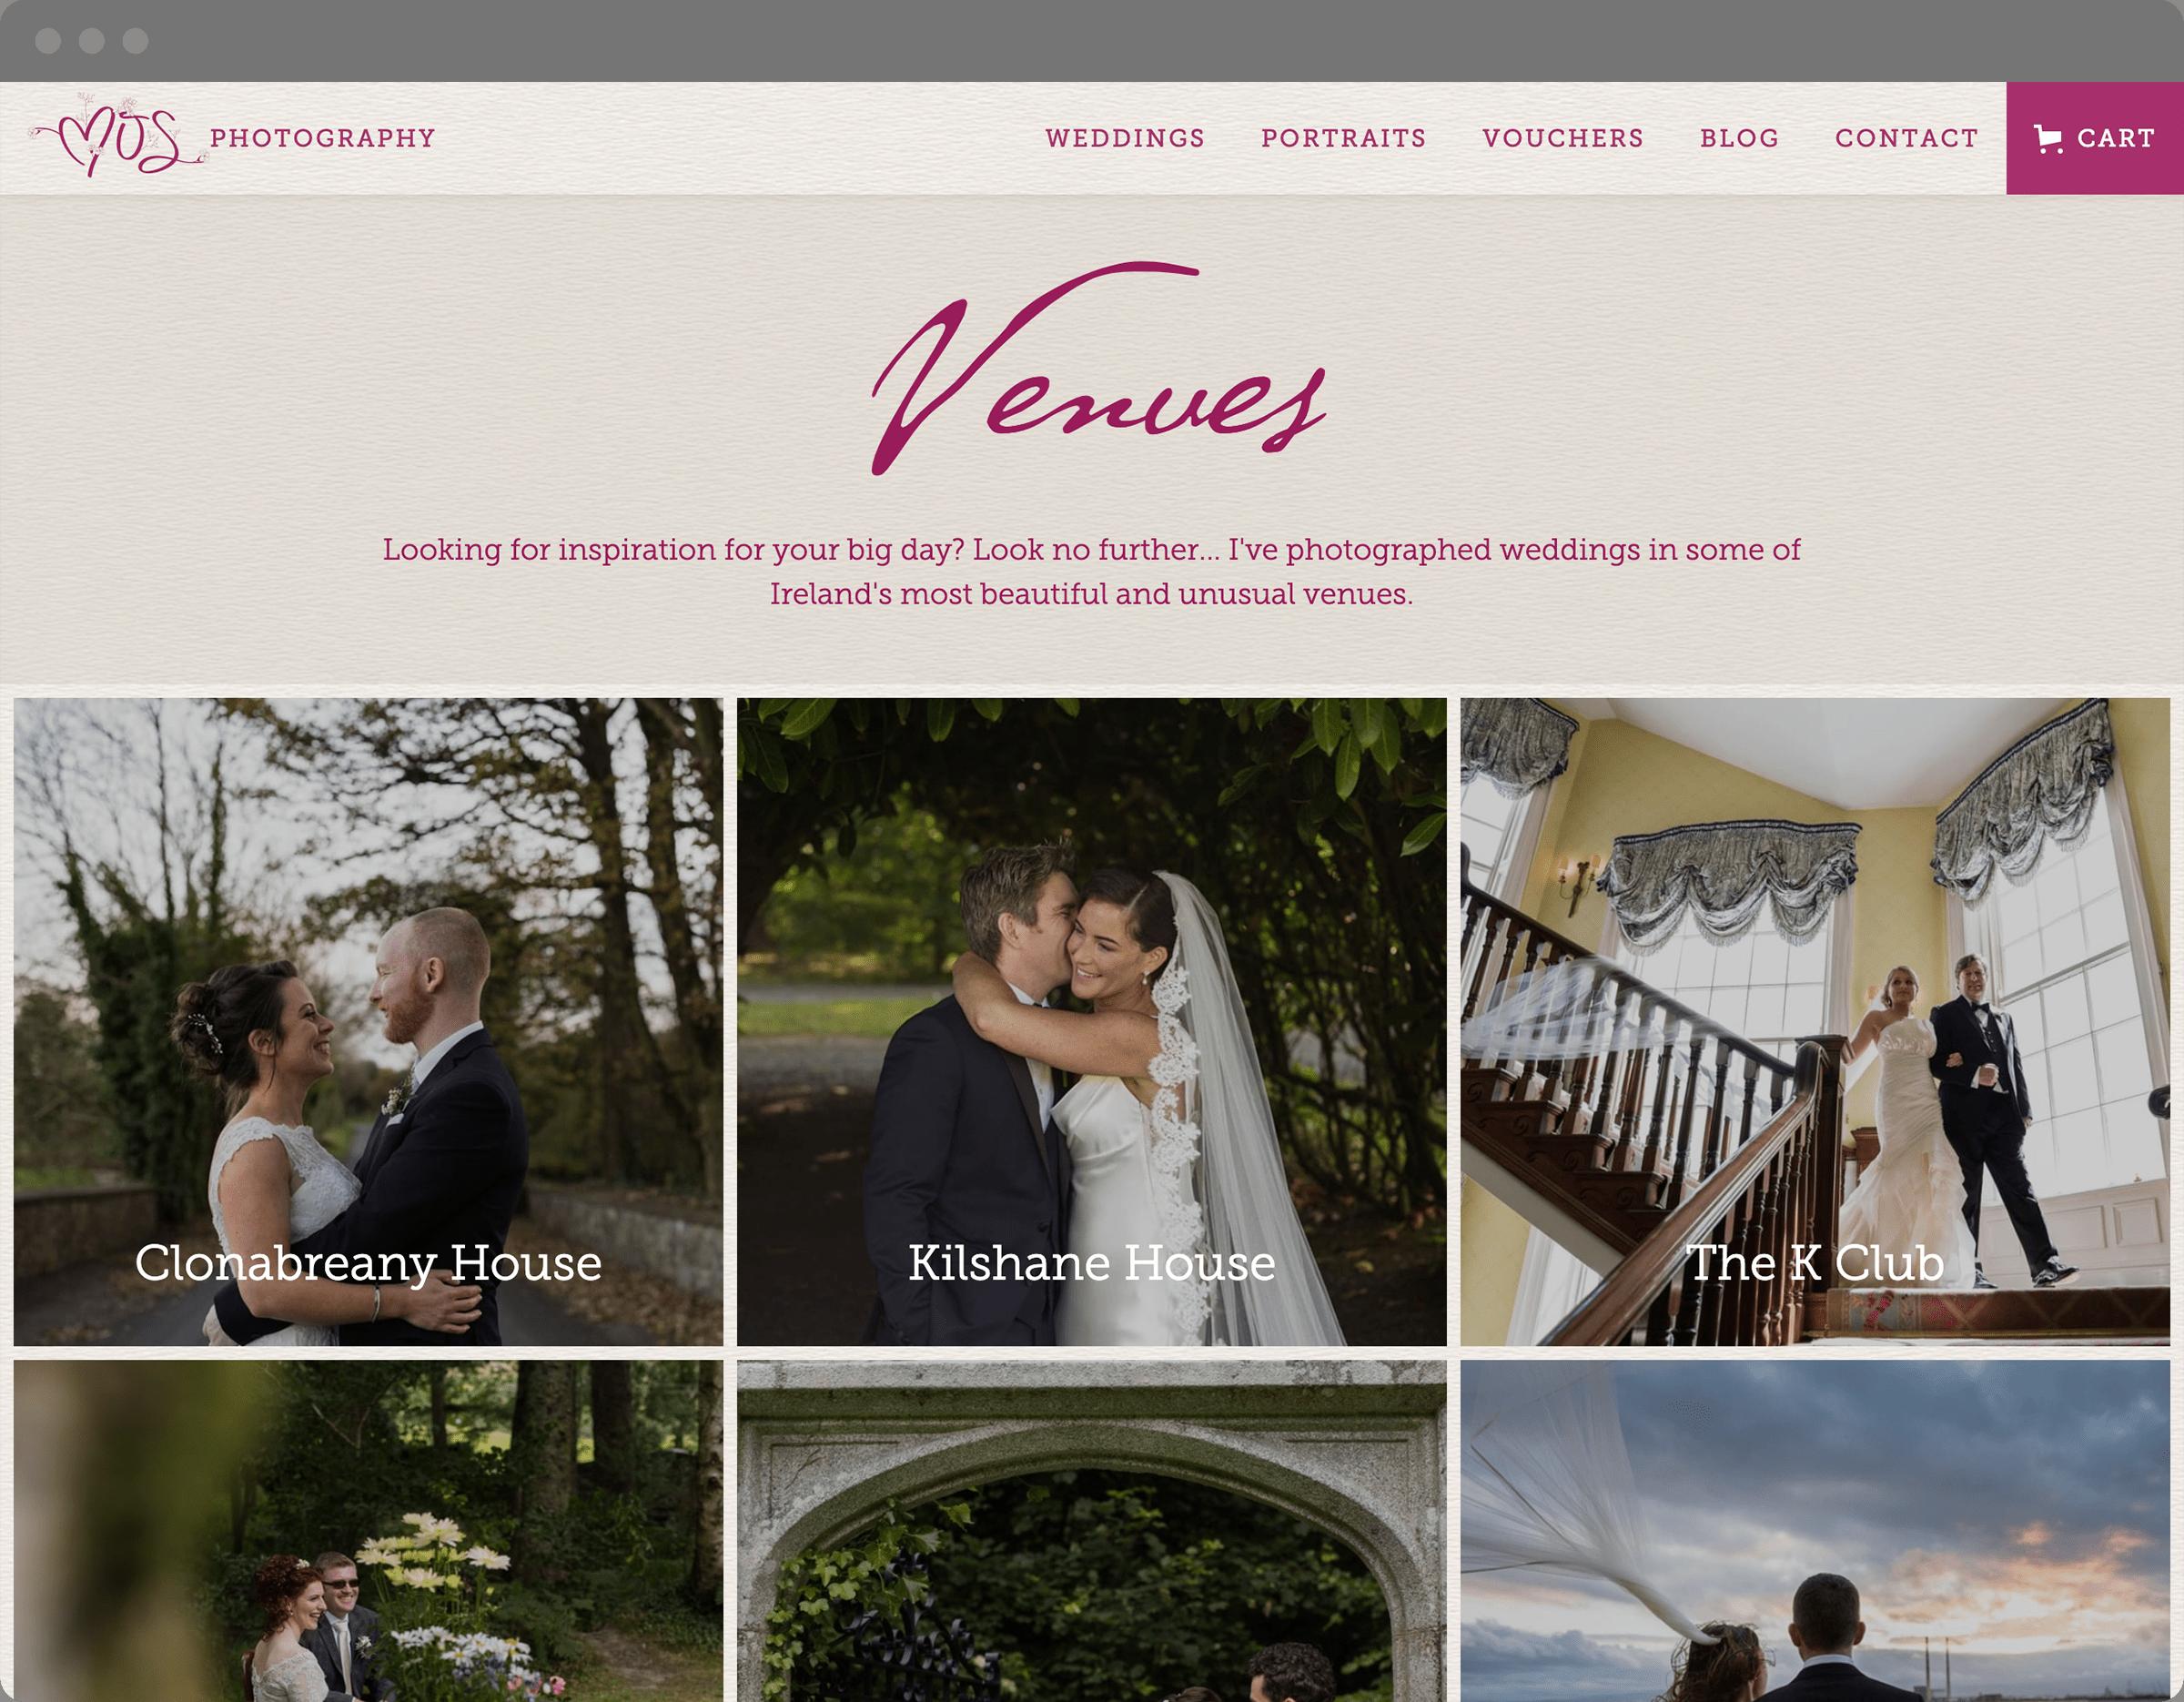 Wedding Venues Website Page